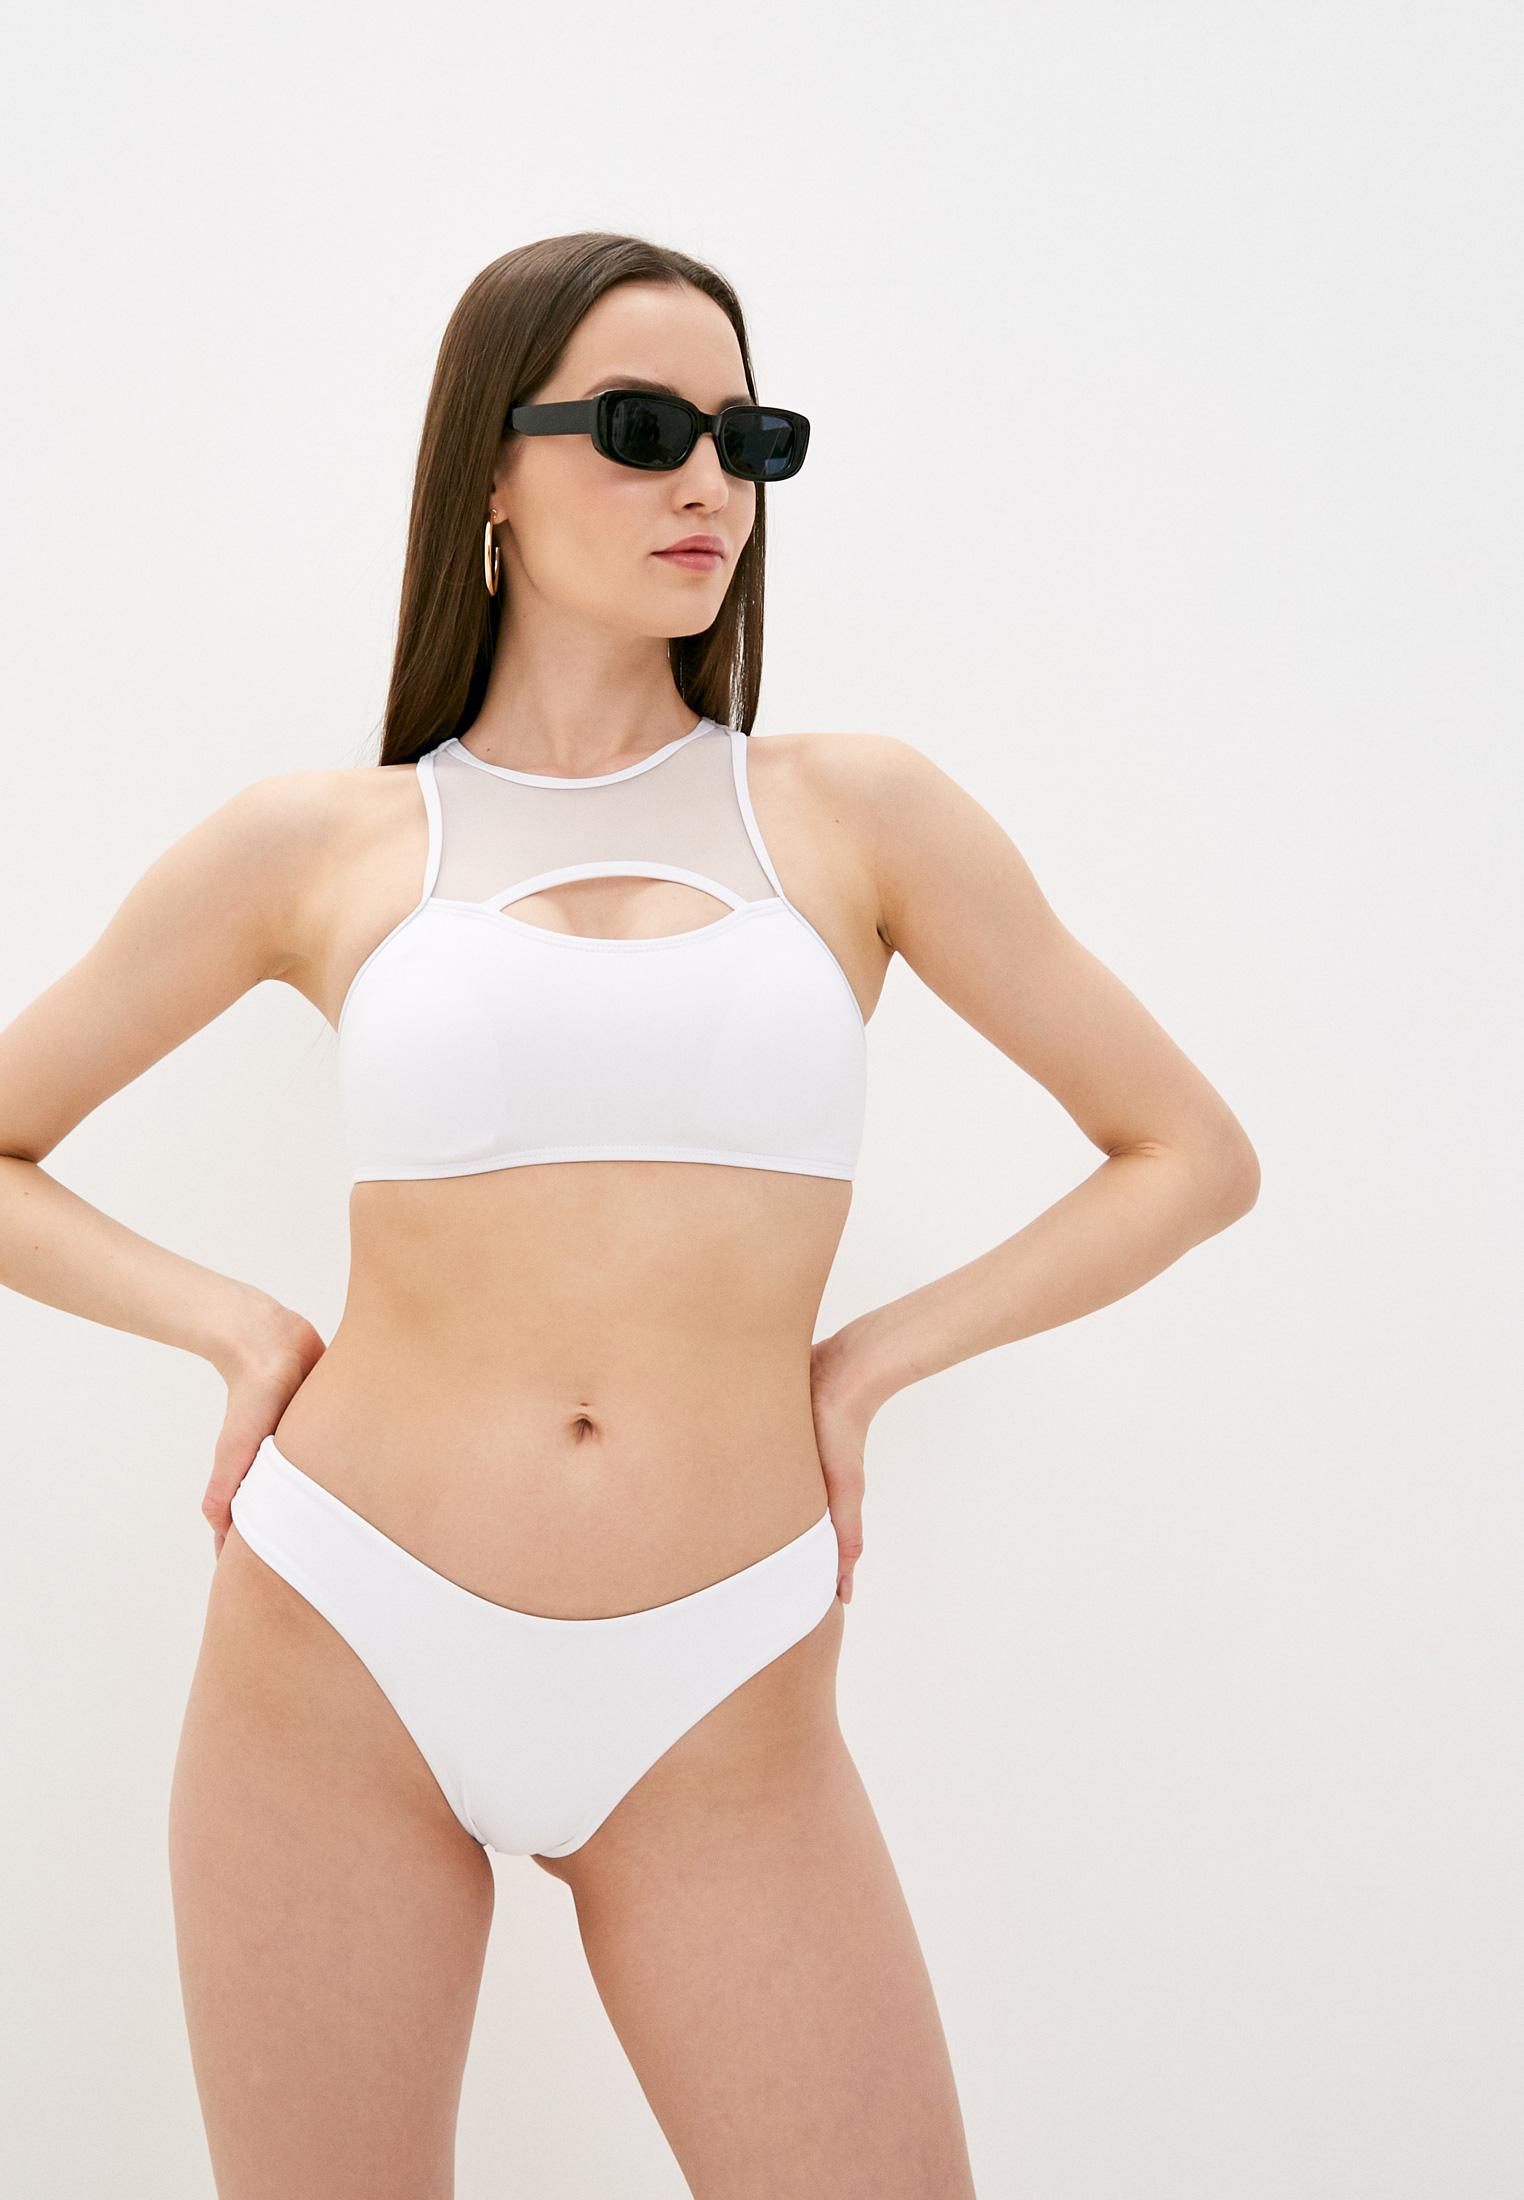 Женские раздельные купальники Delice Купальник Delice